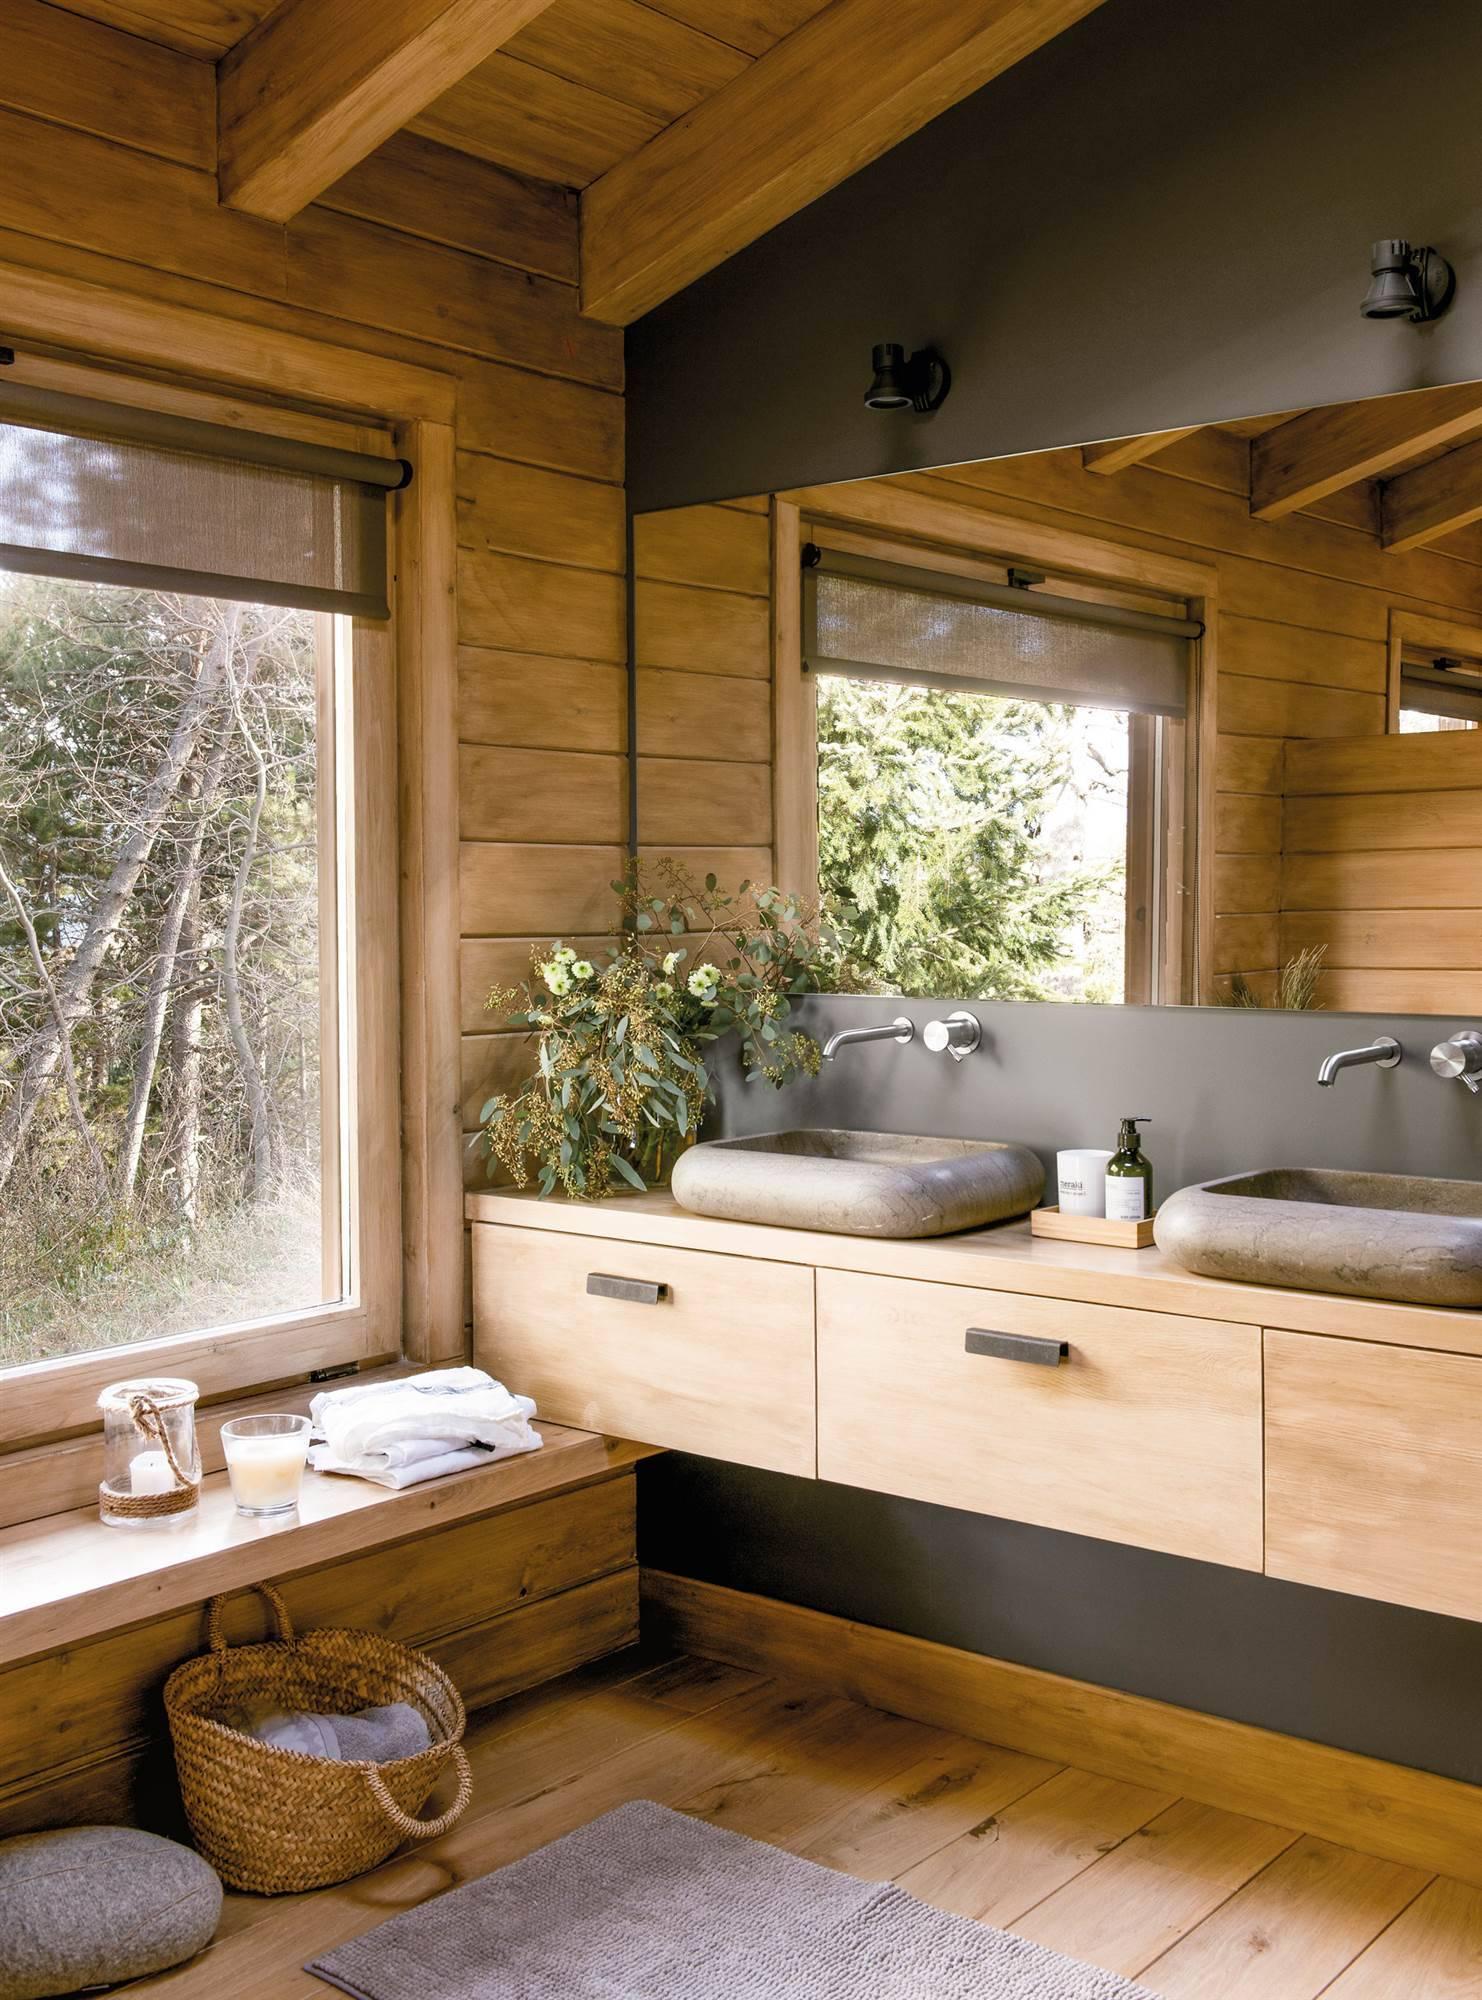 Muebles Bajo Lavabo Rusticos.Una Casa Rustica Hecha En Pinterest